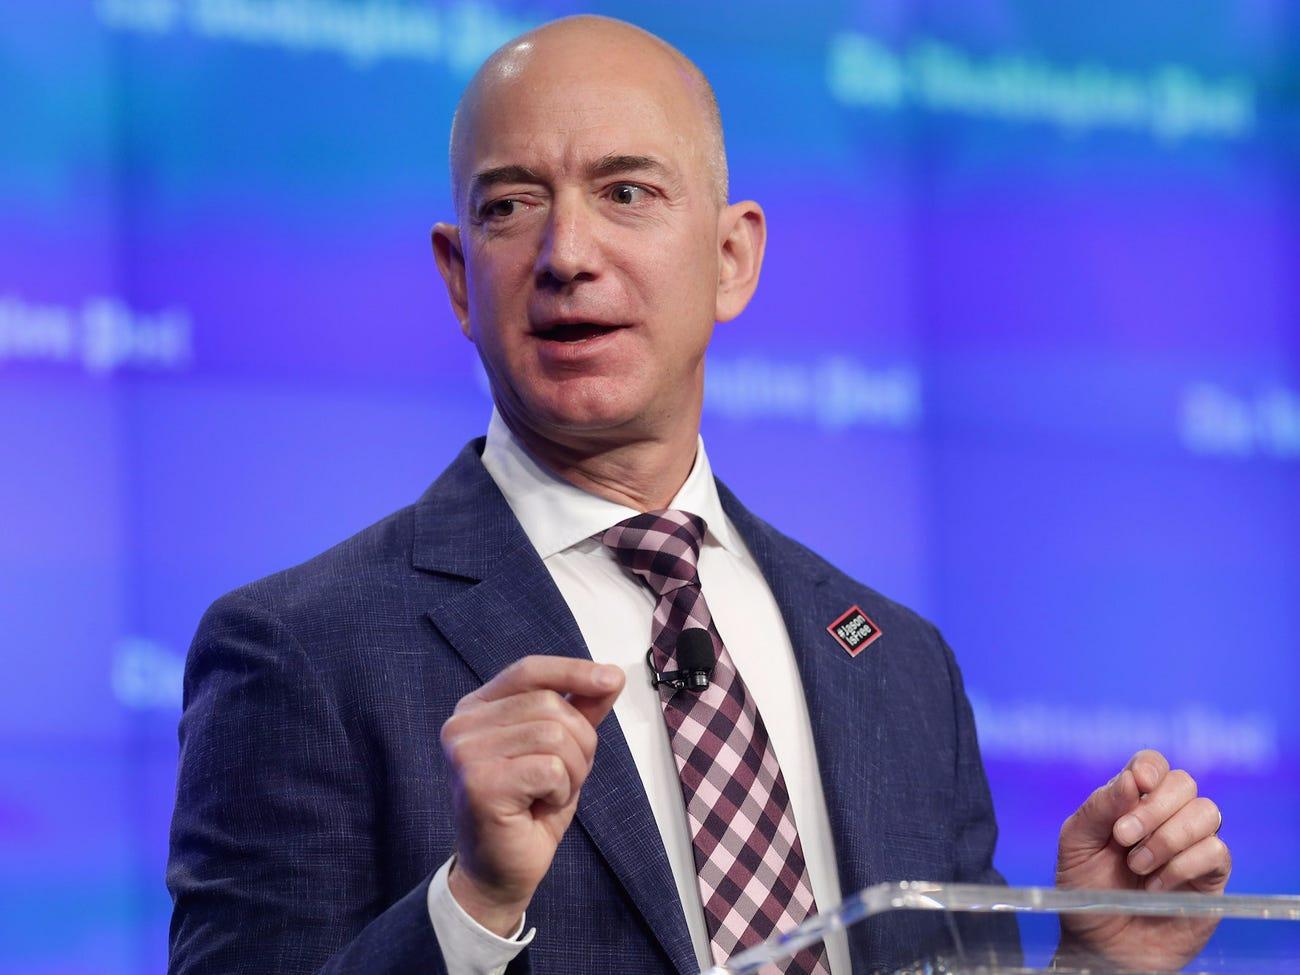 10 tỷ phú kiếm nhiều tiền nhất tuần qua: Người đứng đầu 'bỏ túi' gần 14 tỷ USD